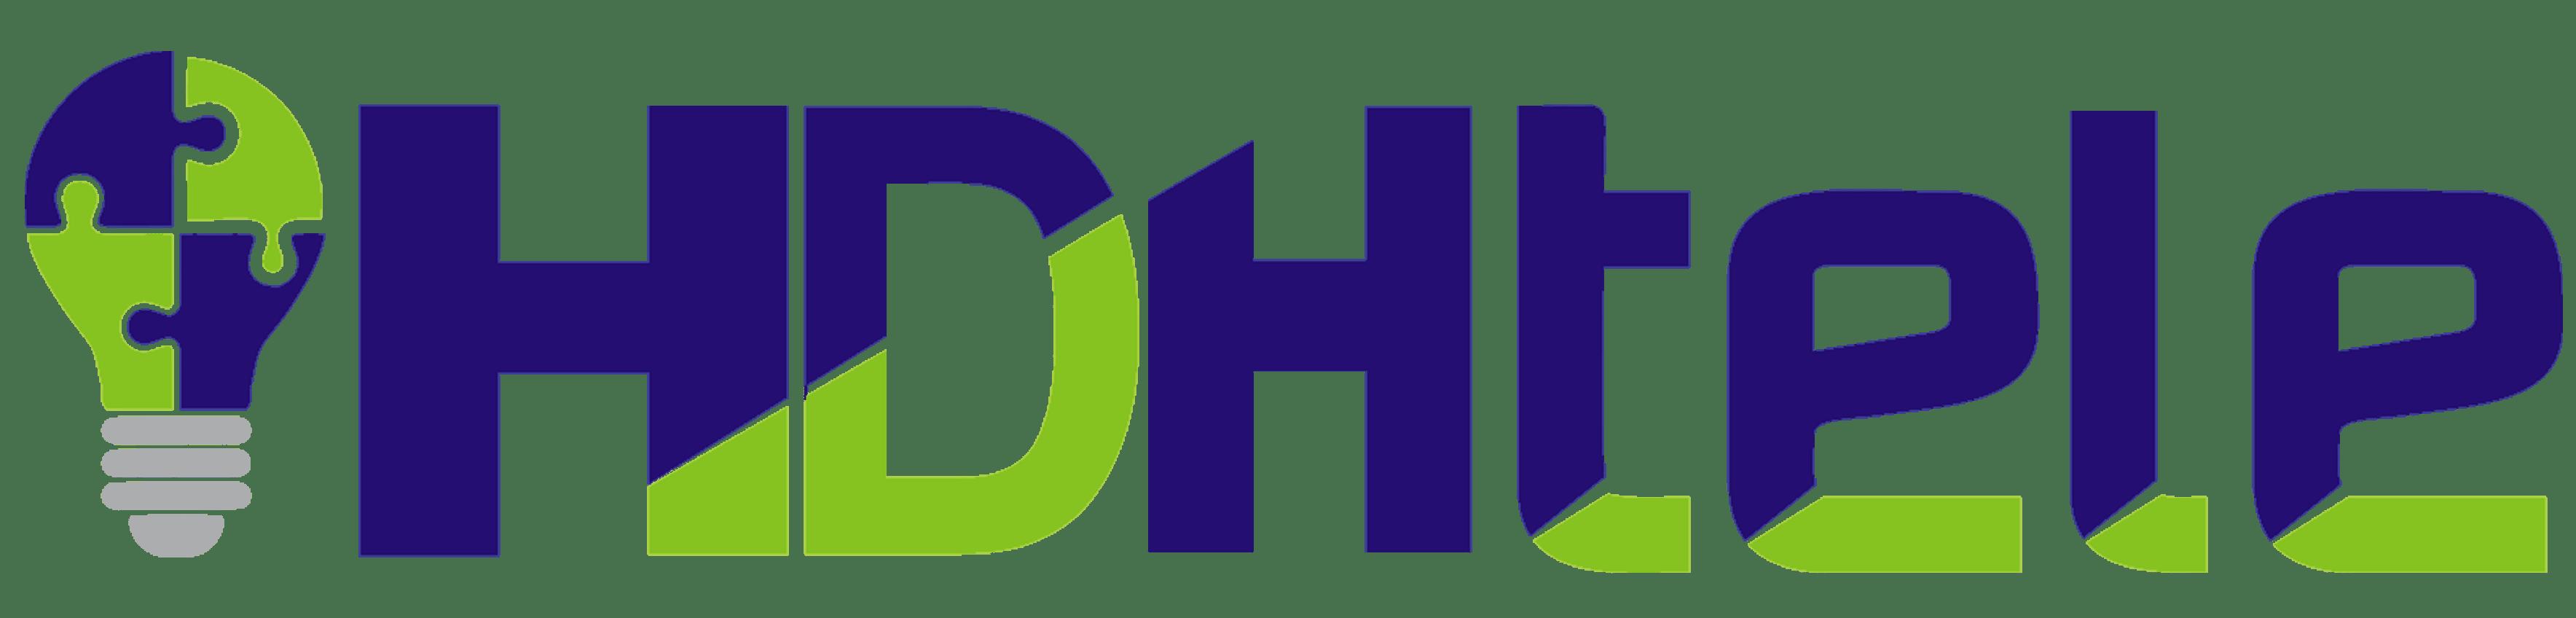 HDH Tele